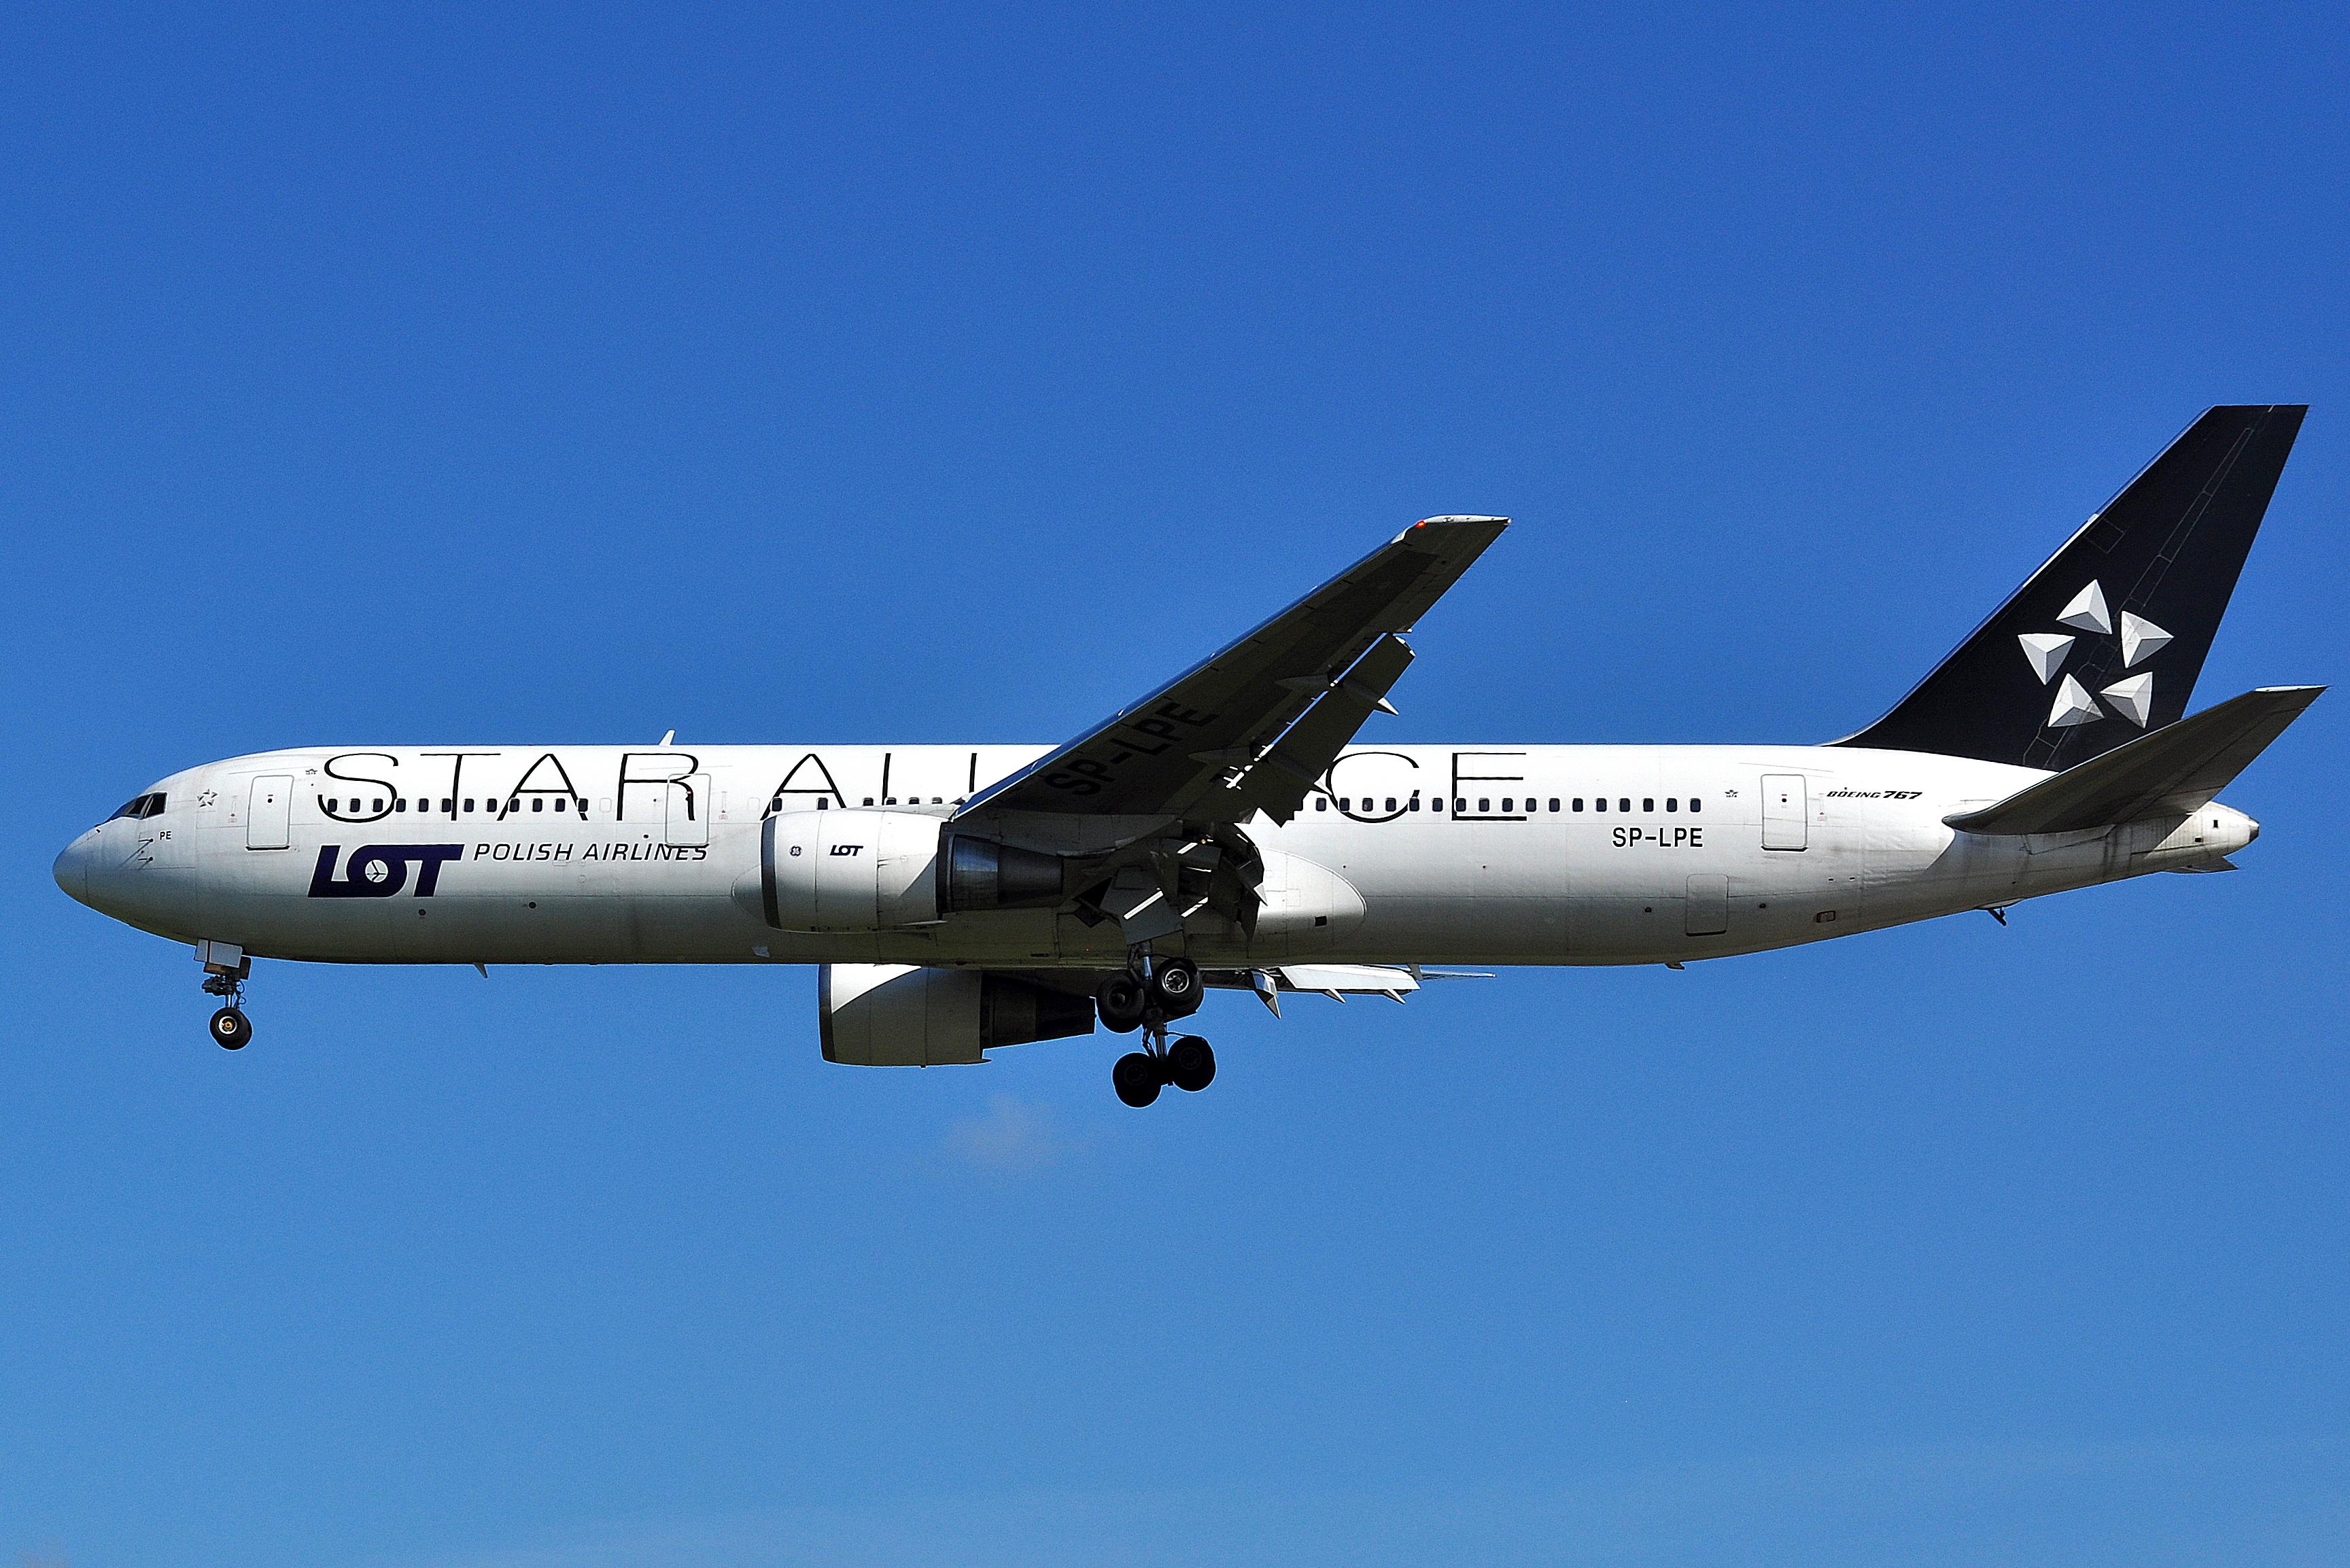 Airlines Under Star Alliance